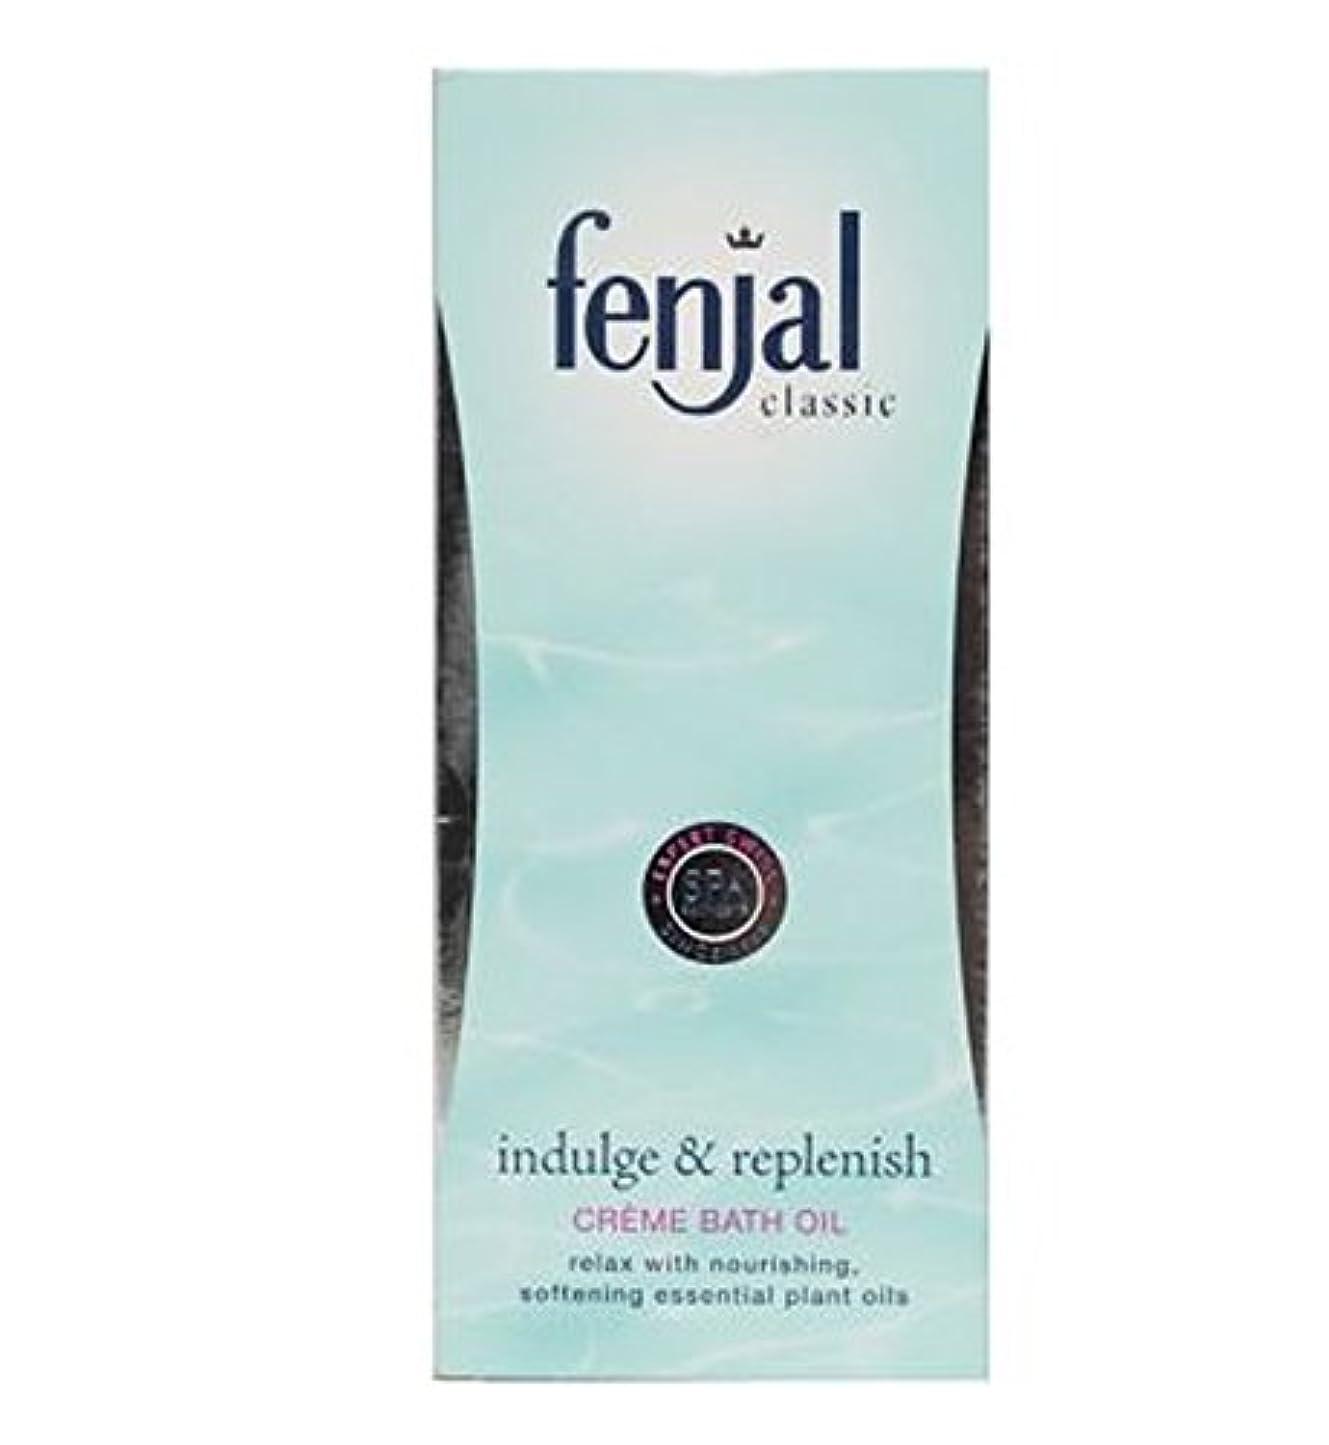 インペリアル観光シャイFenjal Classic Luxury Creme Bath Oil 125 ml - Fenjal古典的な高級クリームバスオイル125ミリリットル (Fenjal) [並行輸入品]